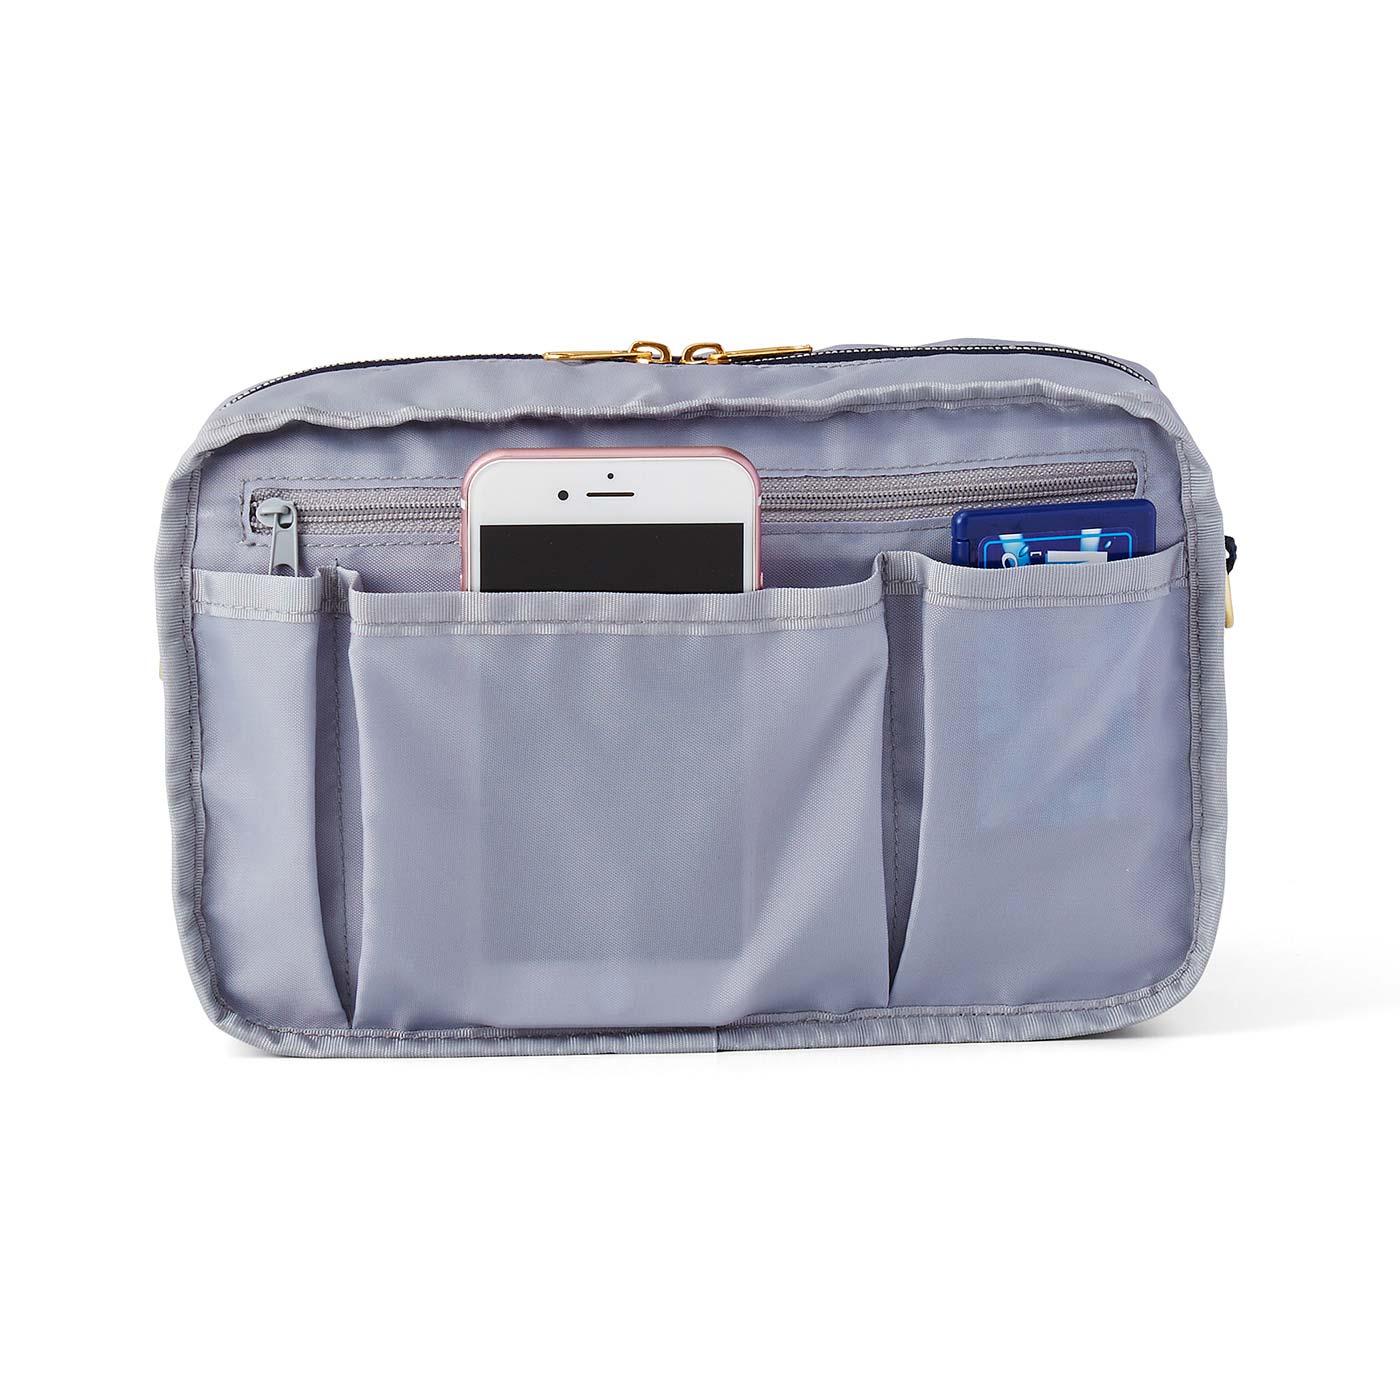 [バッグインナー/BACK]外にも中にもファスナーポケット付き。大事な通帳やカードケース、印鑑などはこちらに。